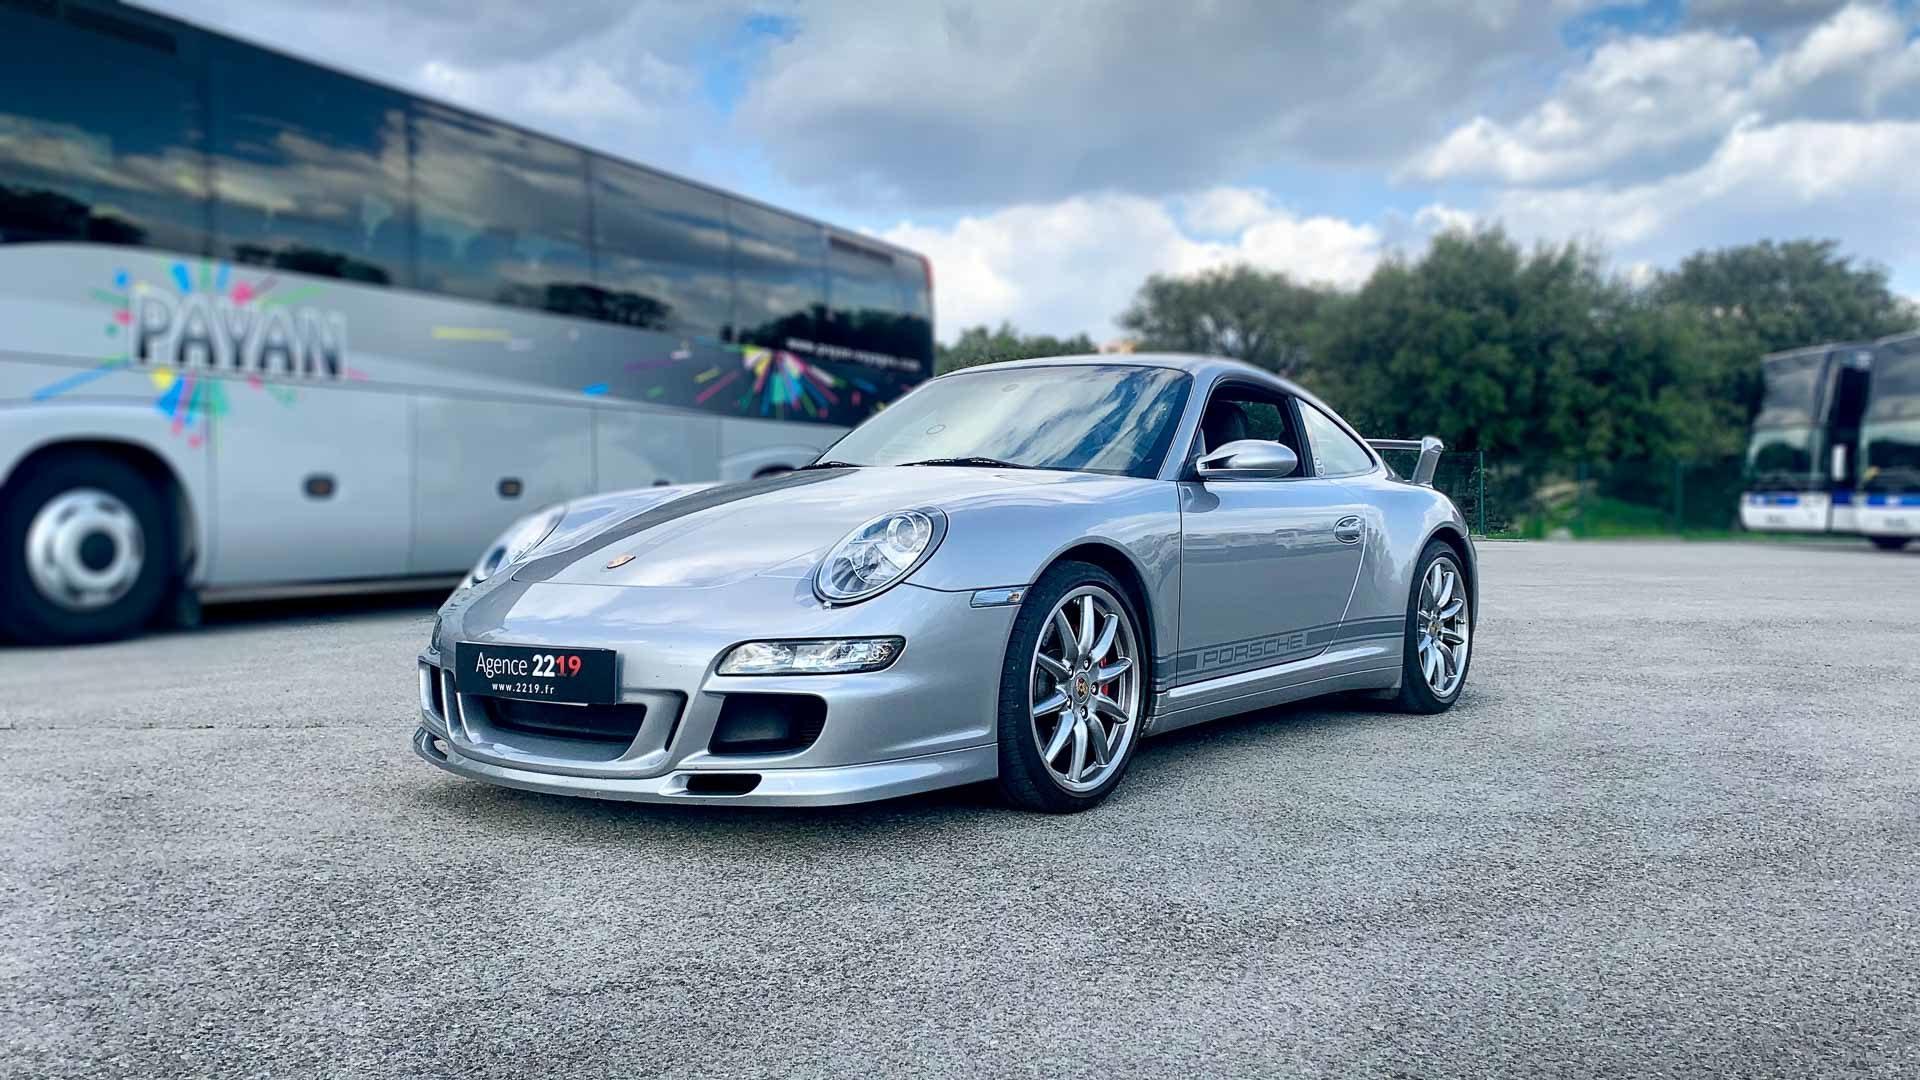 Kit déco Porsche 911 type 997-Agence-2219-1